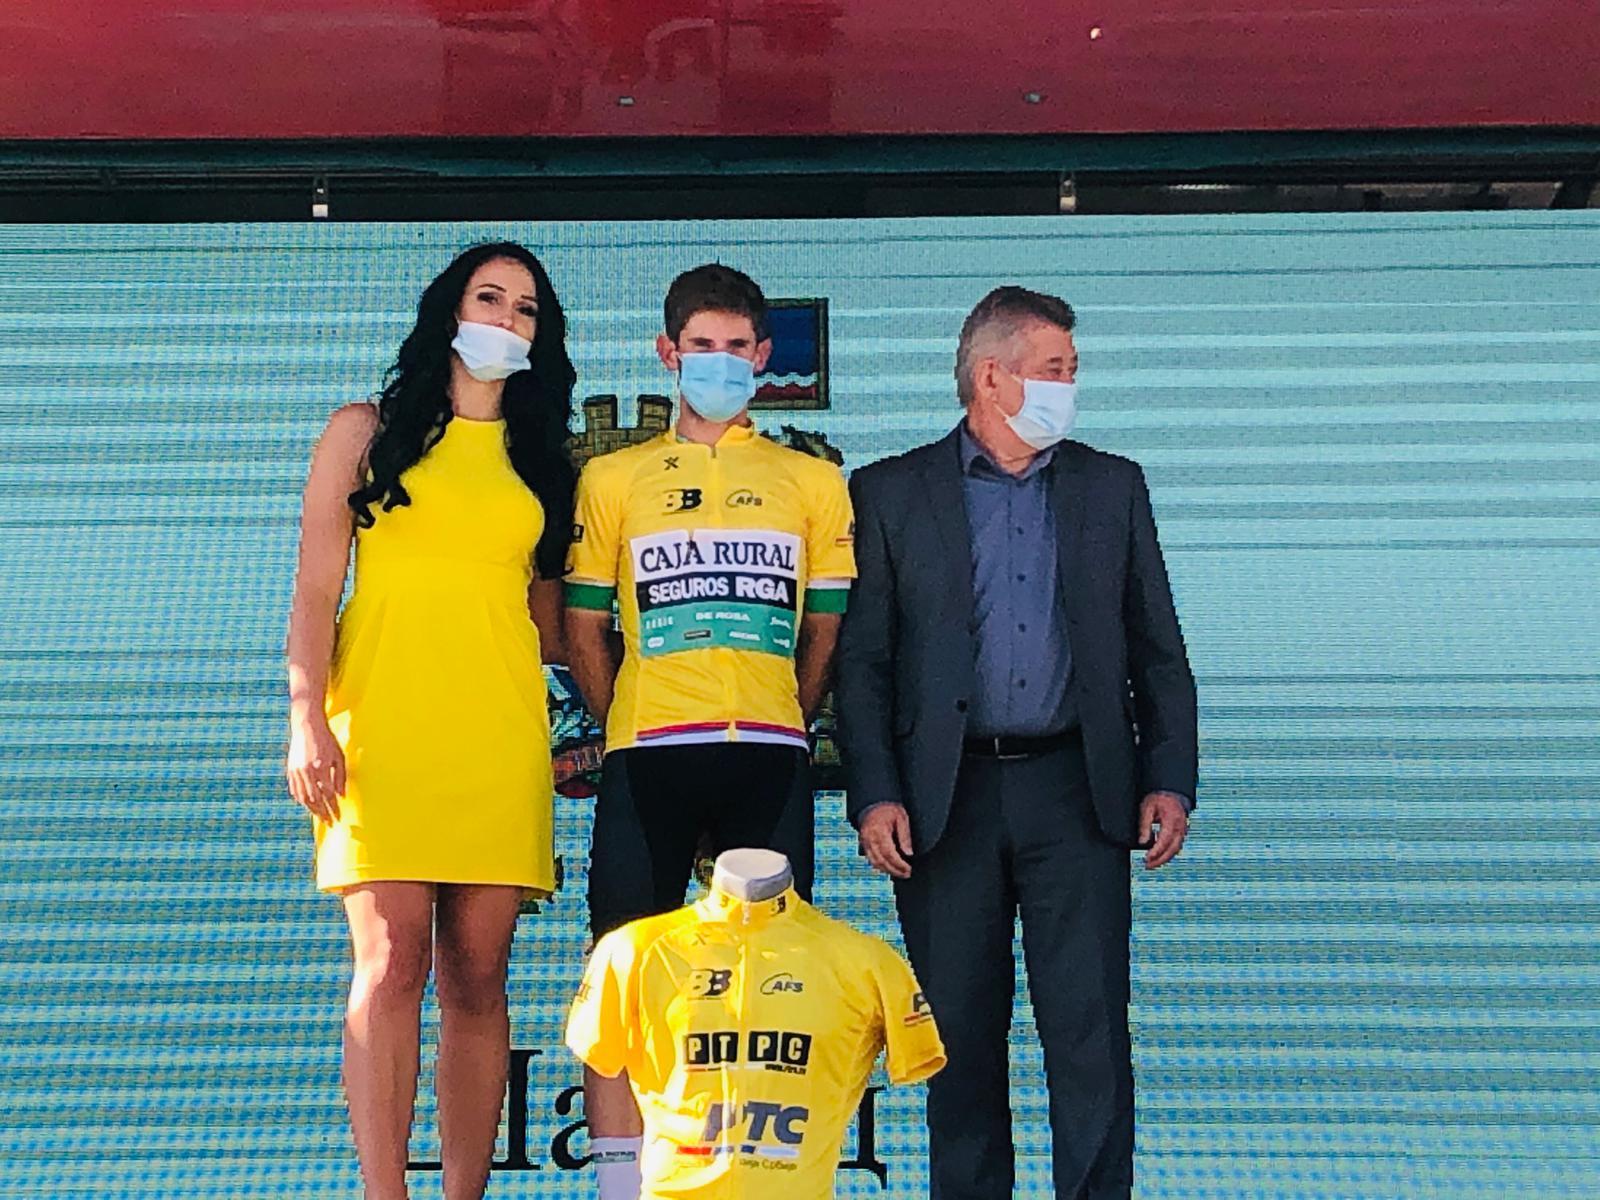 Xavi Cañellas reafirma las buenas sensaciones del equipo con un nuevo triunfo